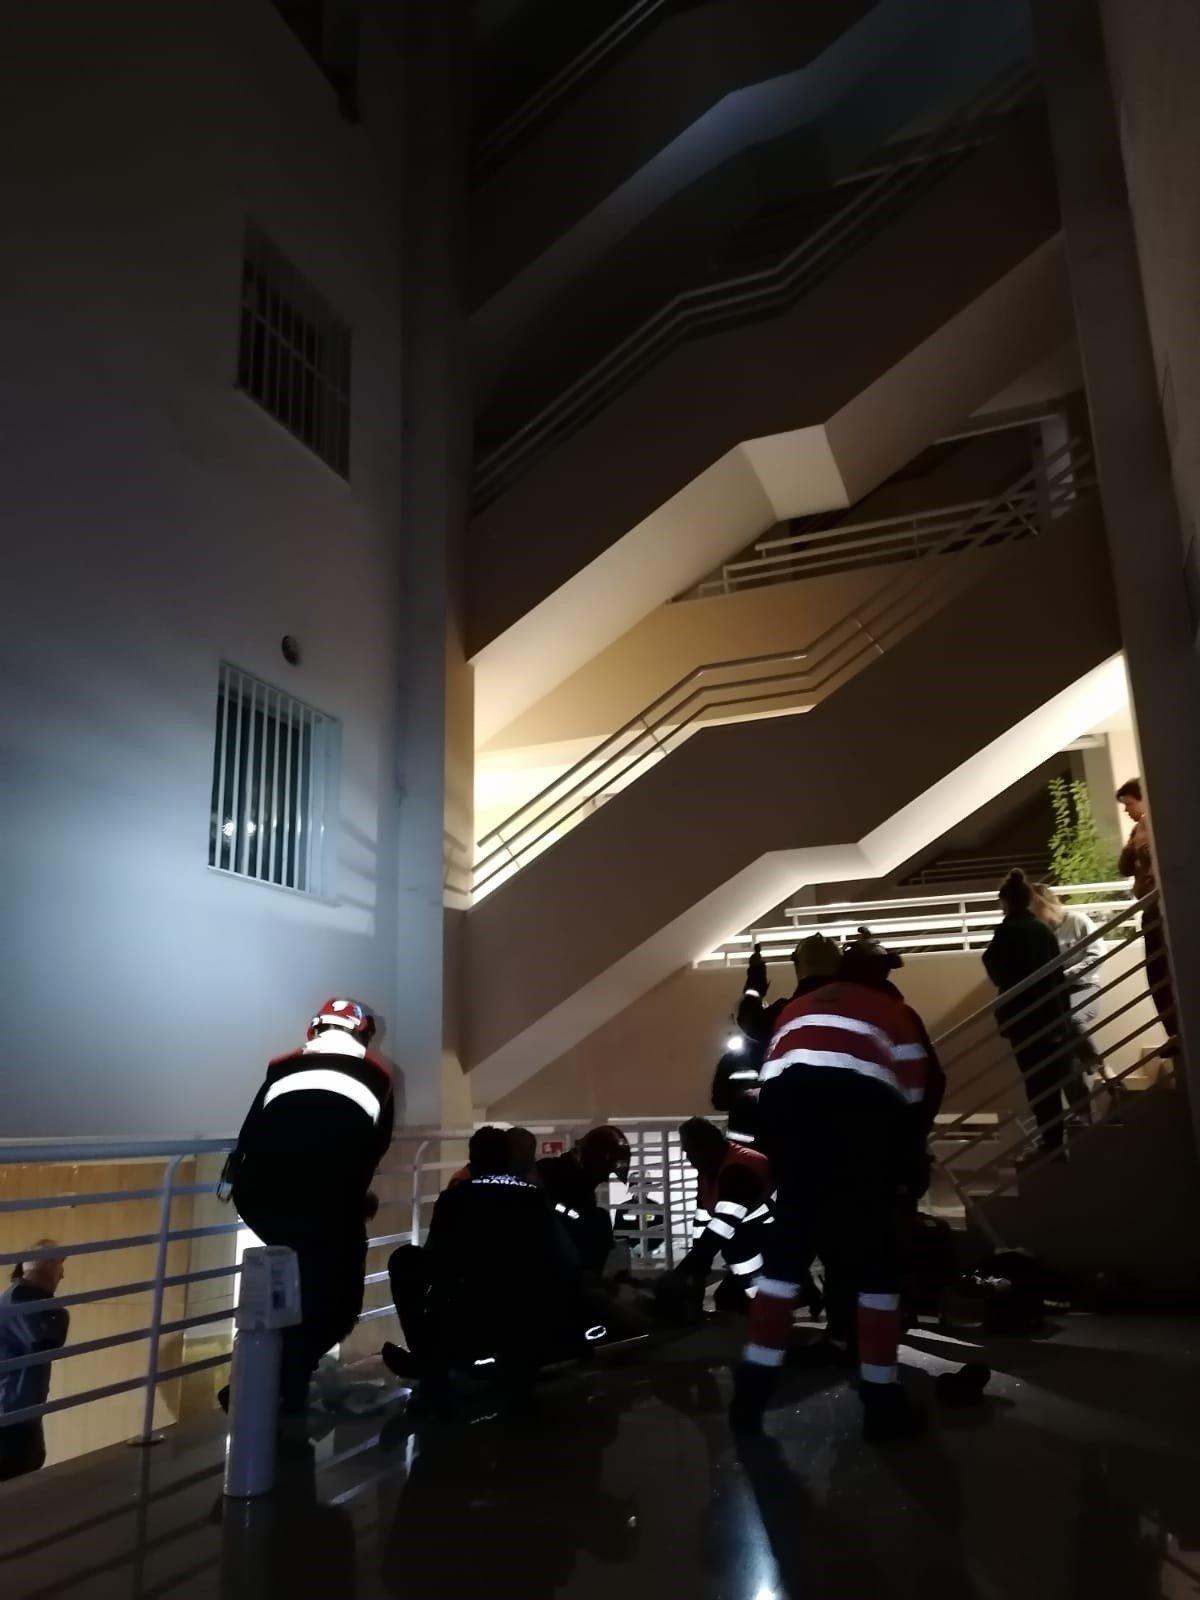 Herido un menor de 15 años tras caer de un séptimo piso a un patio interior por la rotura de una claraboya